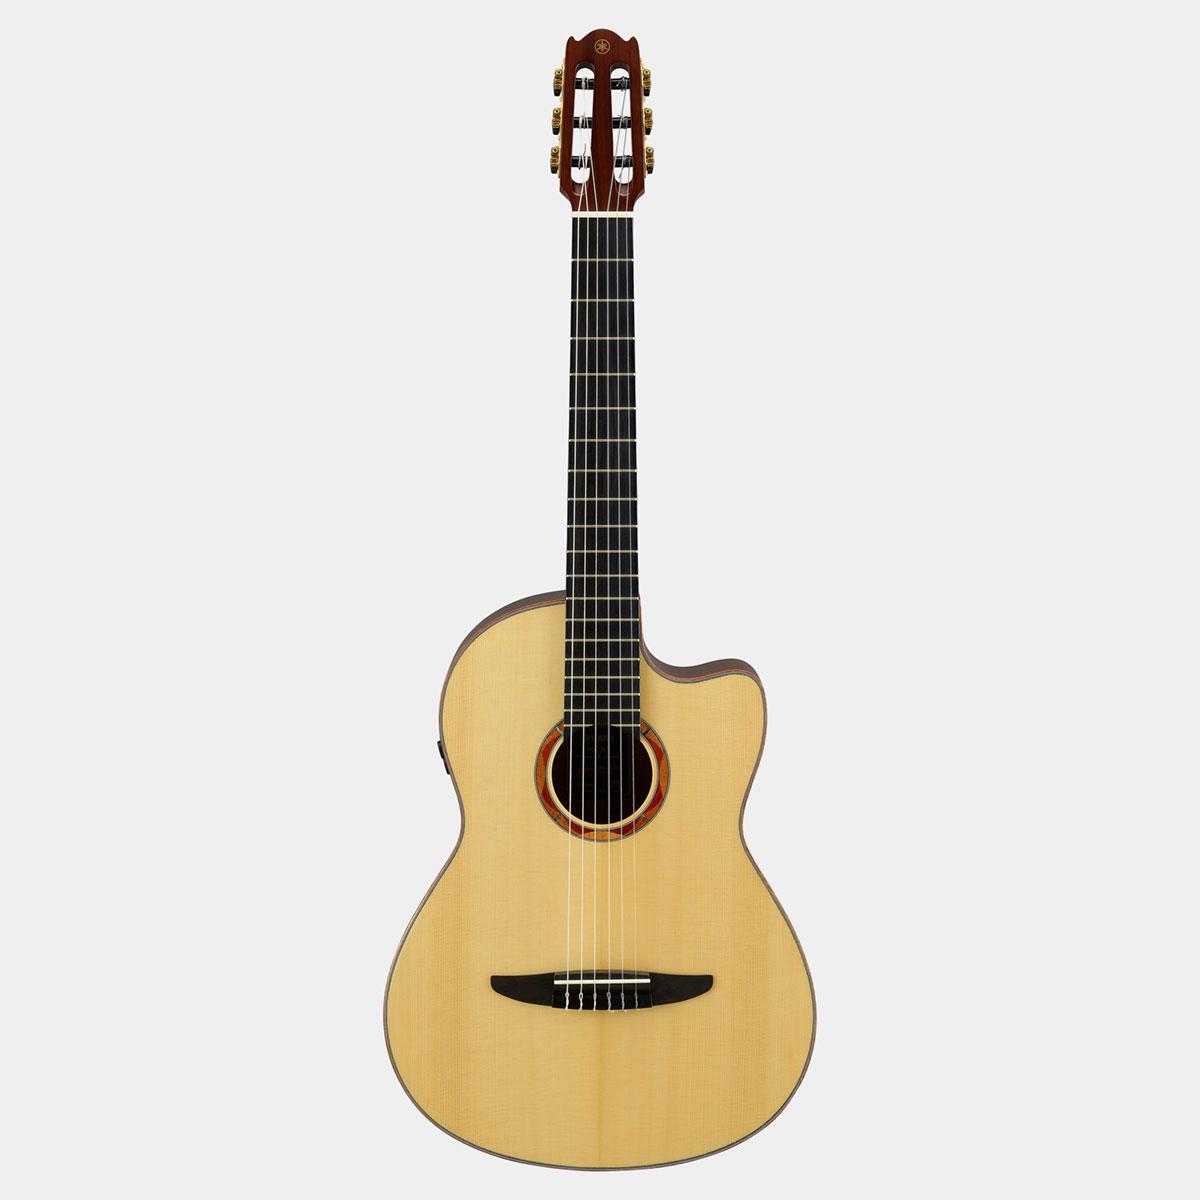 【期間限定お試し価格】 YAMAHA エレガットギター Natural YAMAHA NCX5// Natural [メンテナンス無料]【ご予約商品】, ナカサトムラ:8aa09156 --- eraamaderngo.in